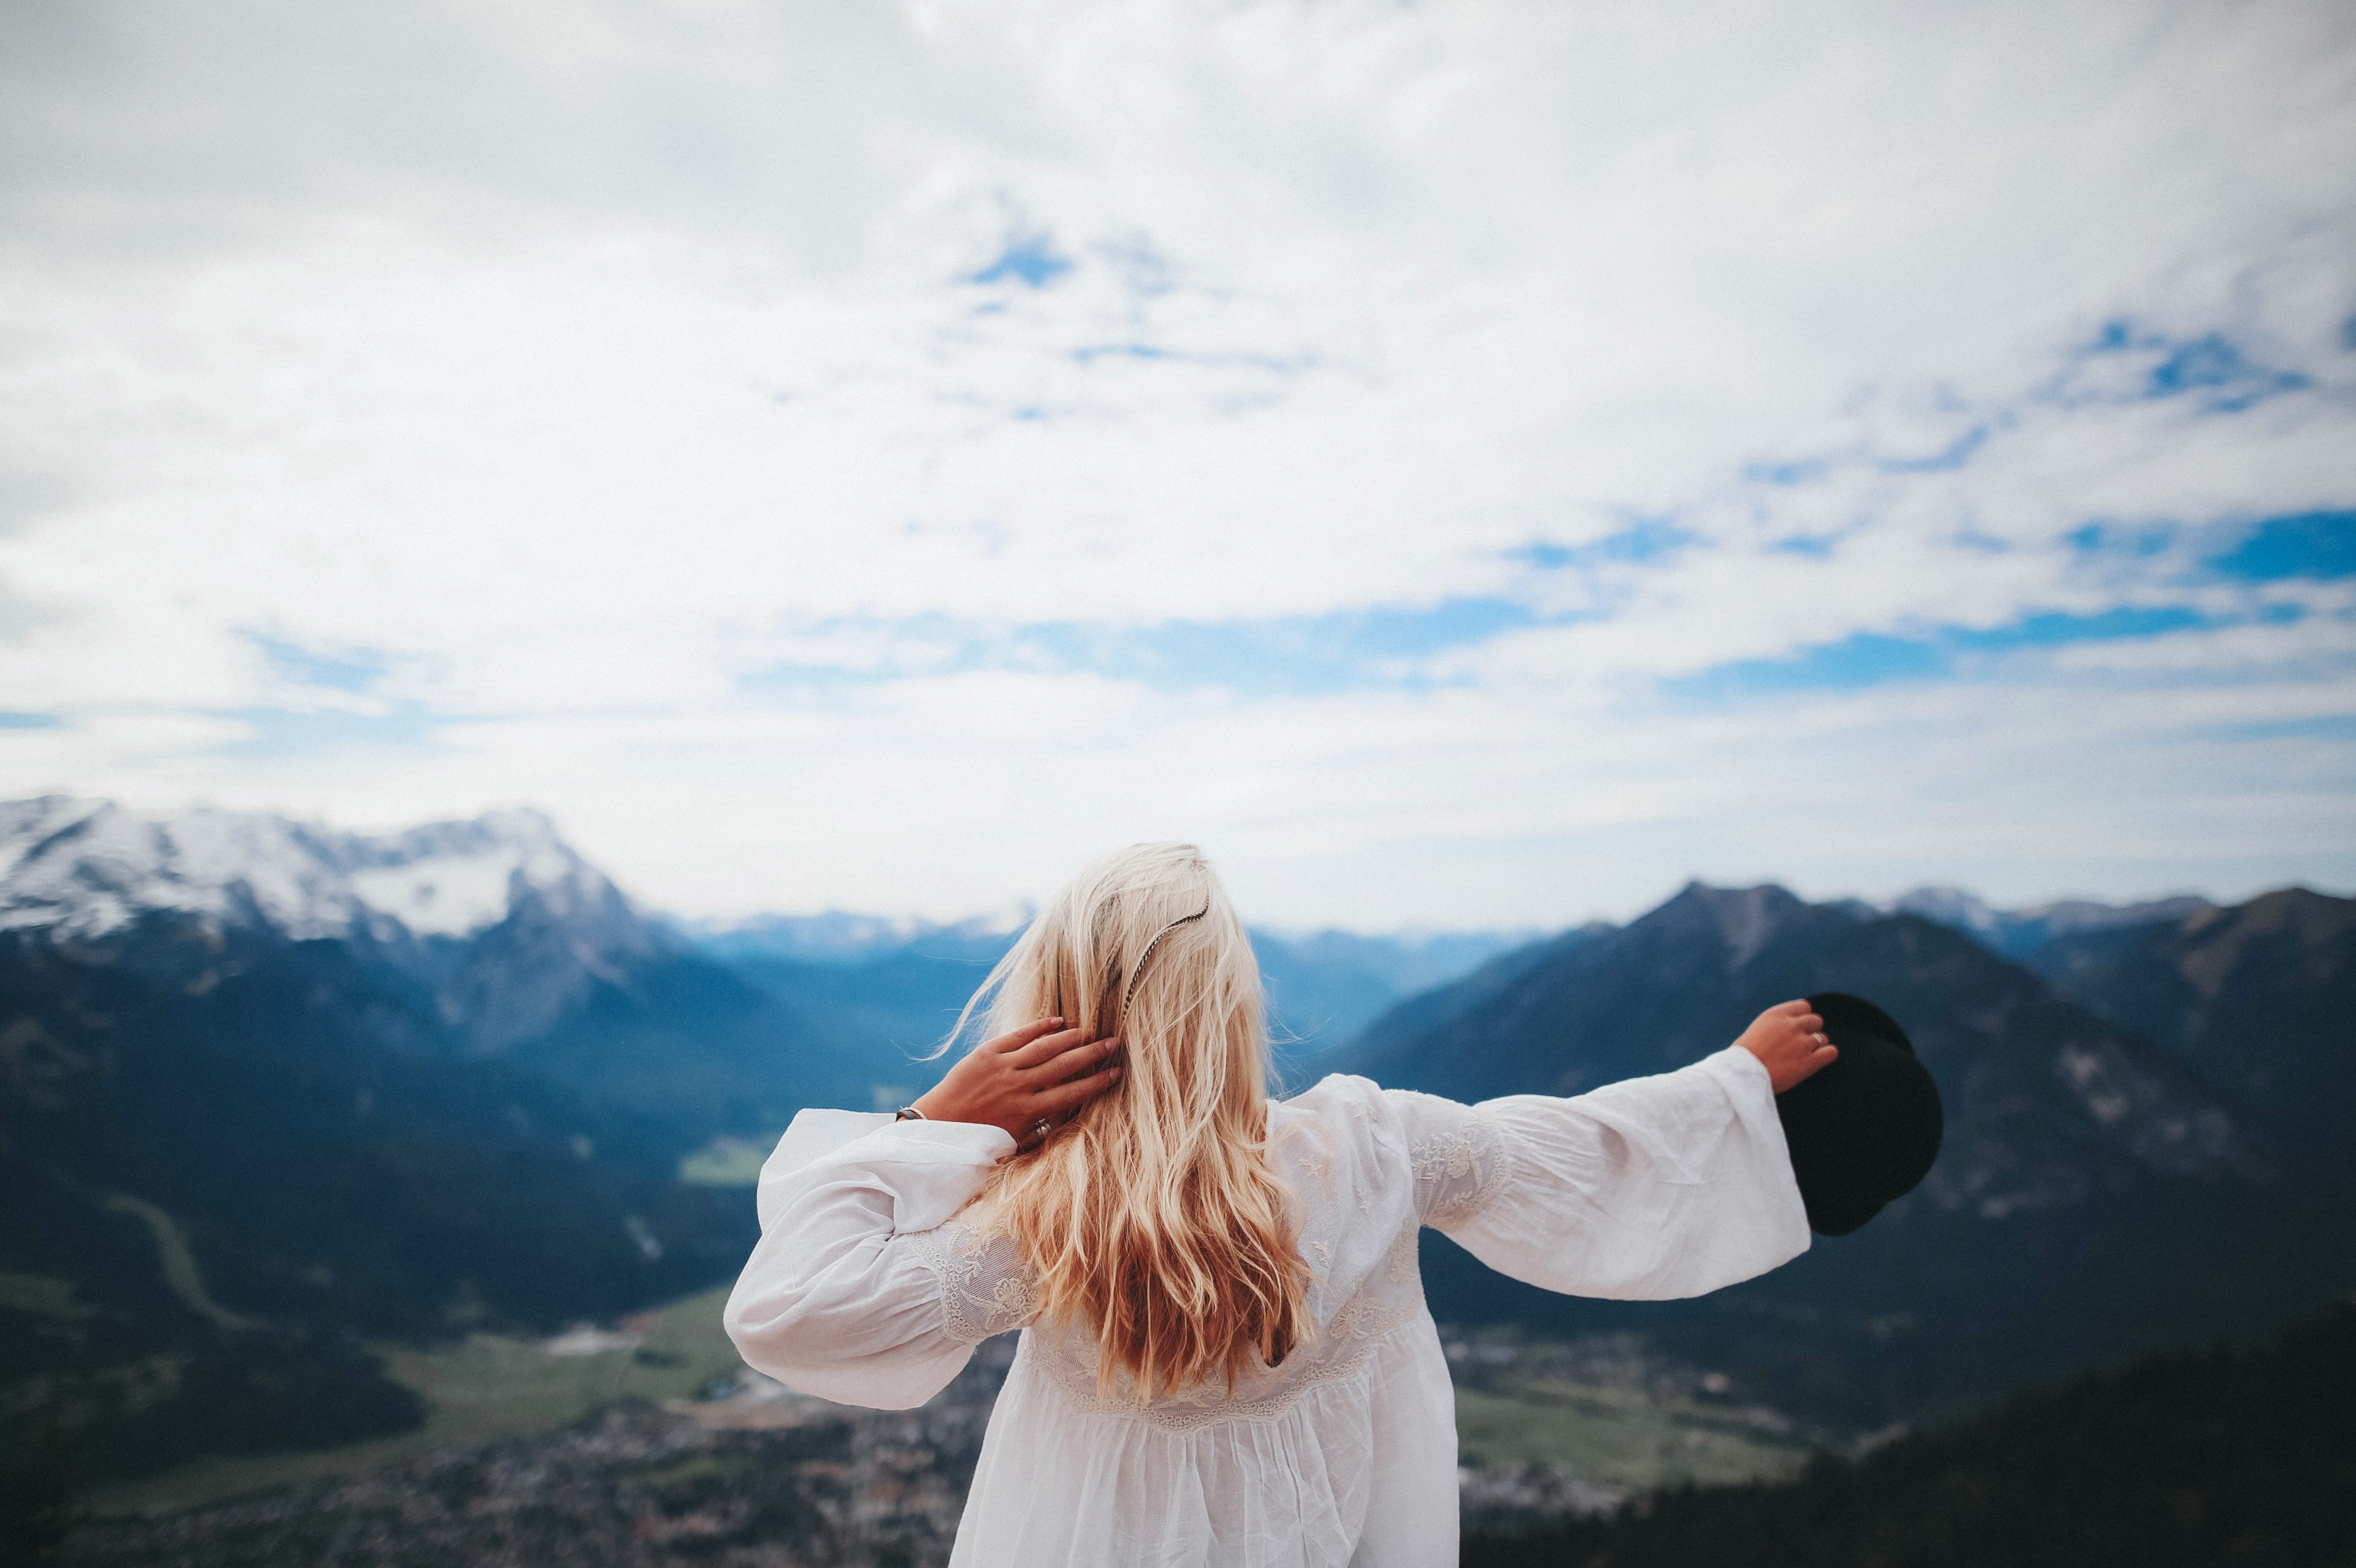 White Dressed Girl Across Black Mountains 183 Free Stock Photo